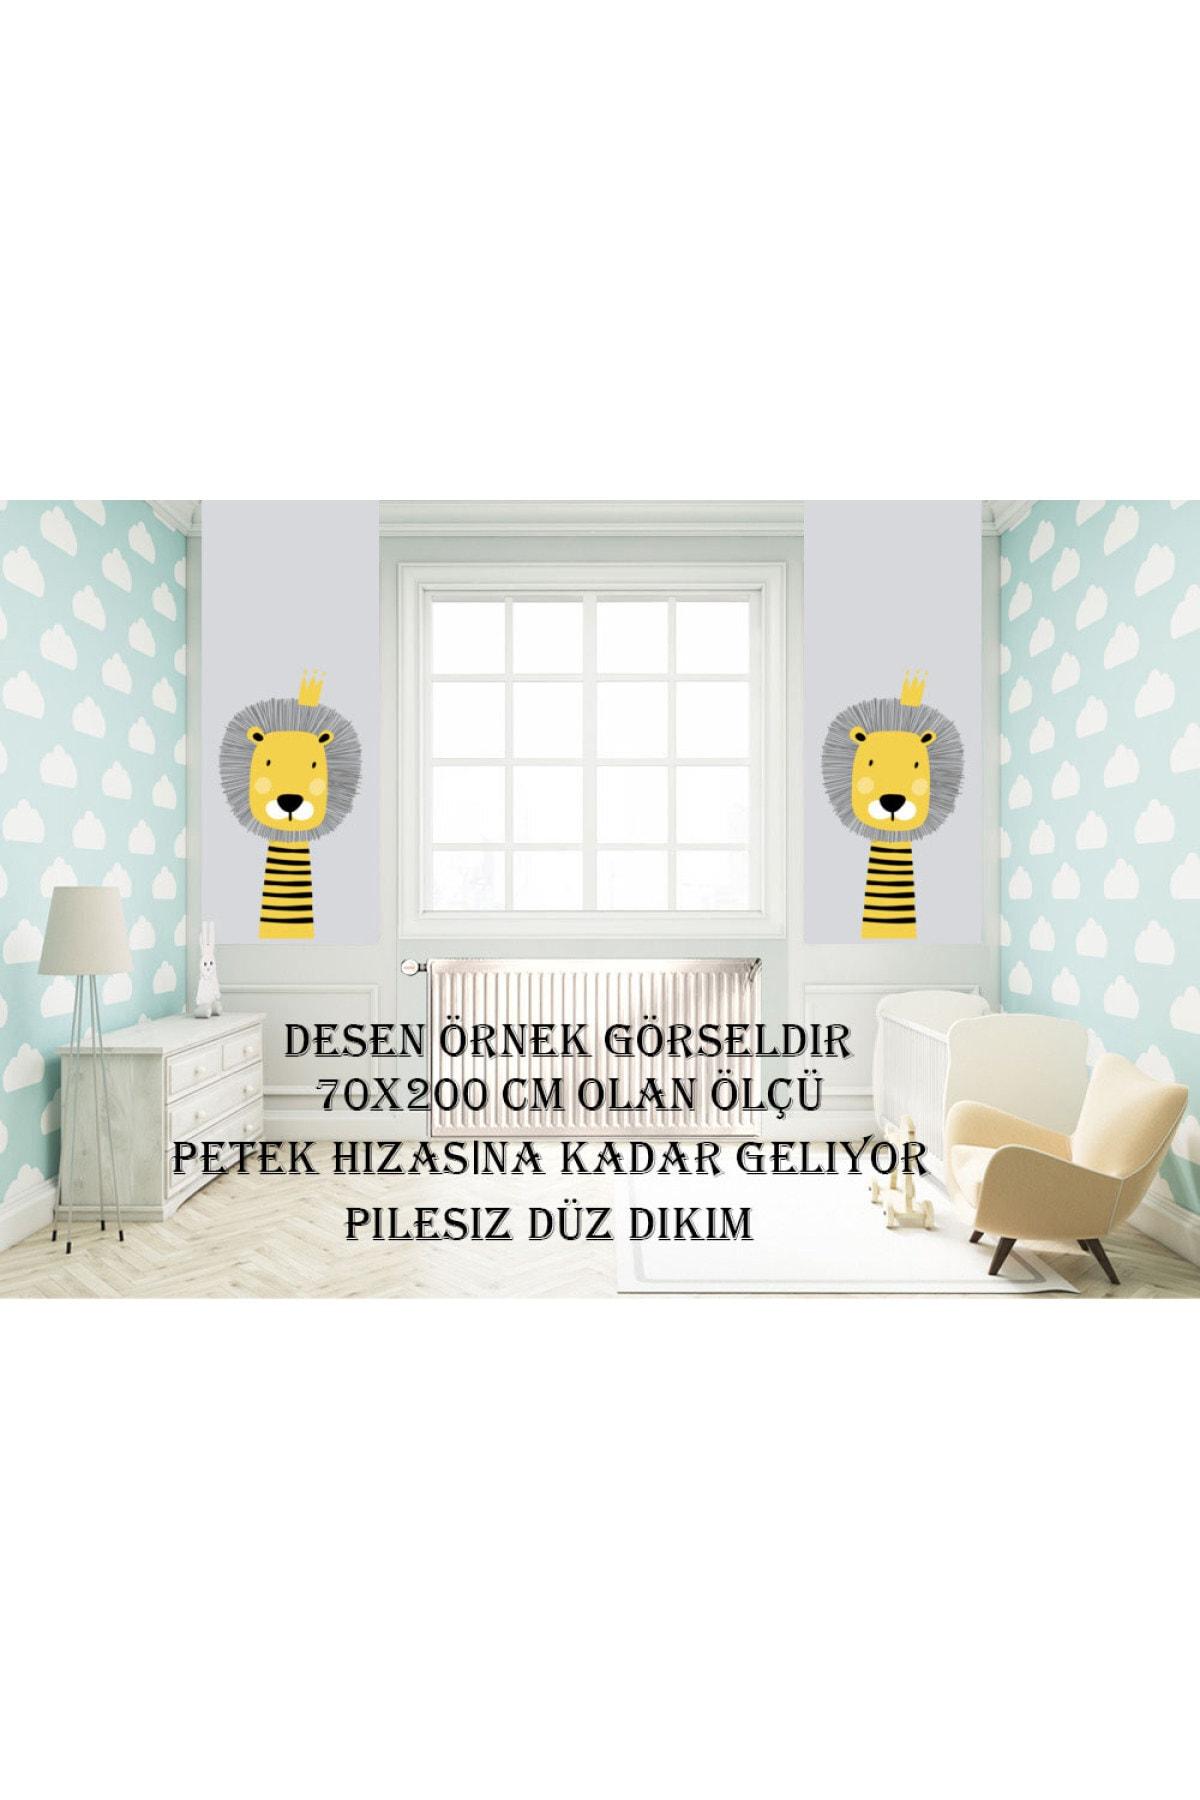 CİCİ TASARIM ÜRÜNLERİ 1 Kanat Sarı Dalgalı Şerit Gri Beyaz Desen Çocuk Bebek Odası Perdesi Fon Perde 2